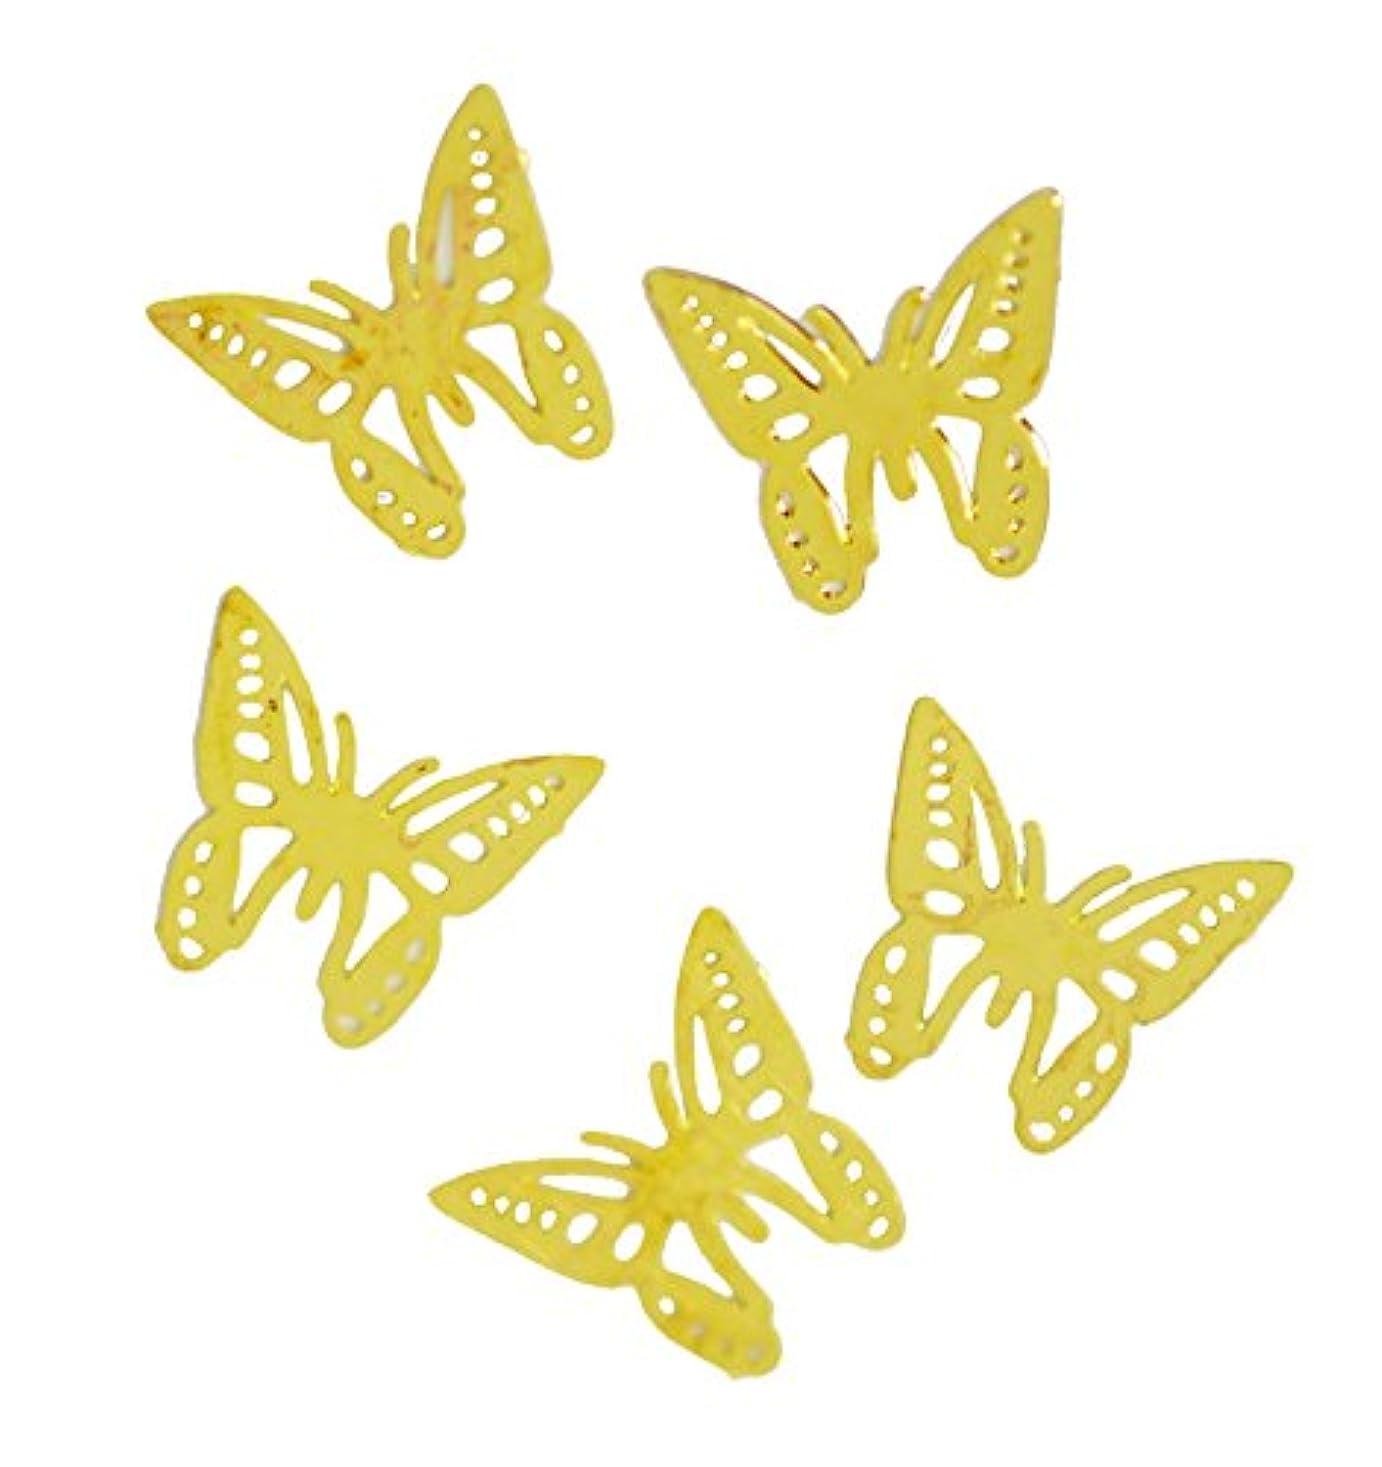 酸可塑性人差し指薄型メタルパーツ バタフライ アゲハ蝶 6×6mm ゴールド 30p入り